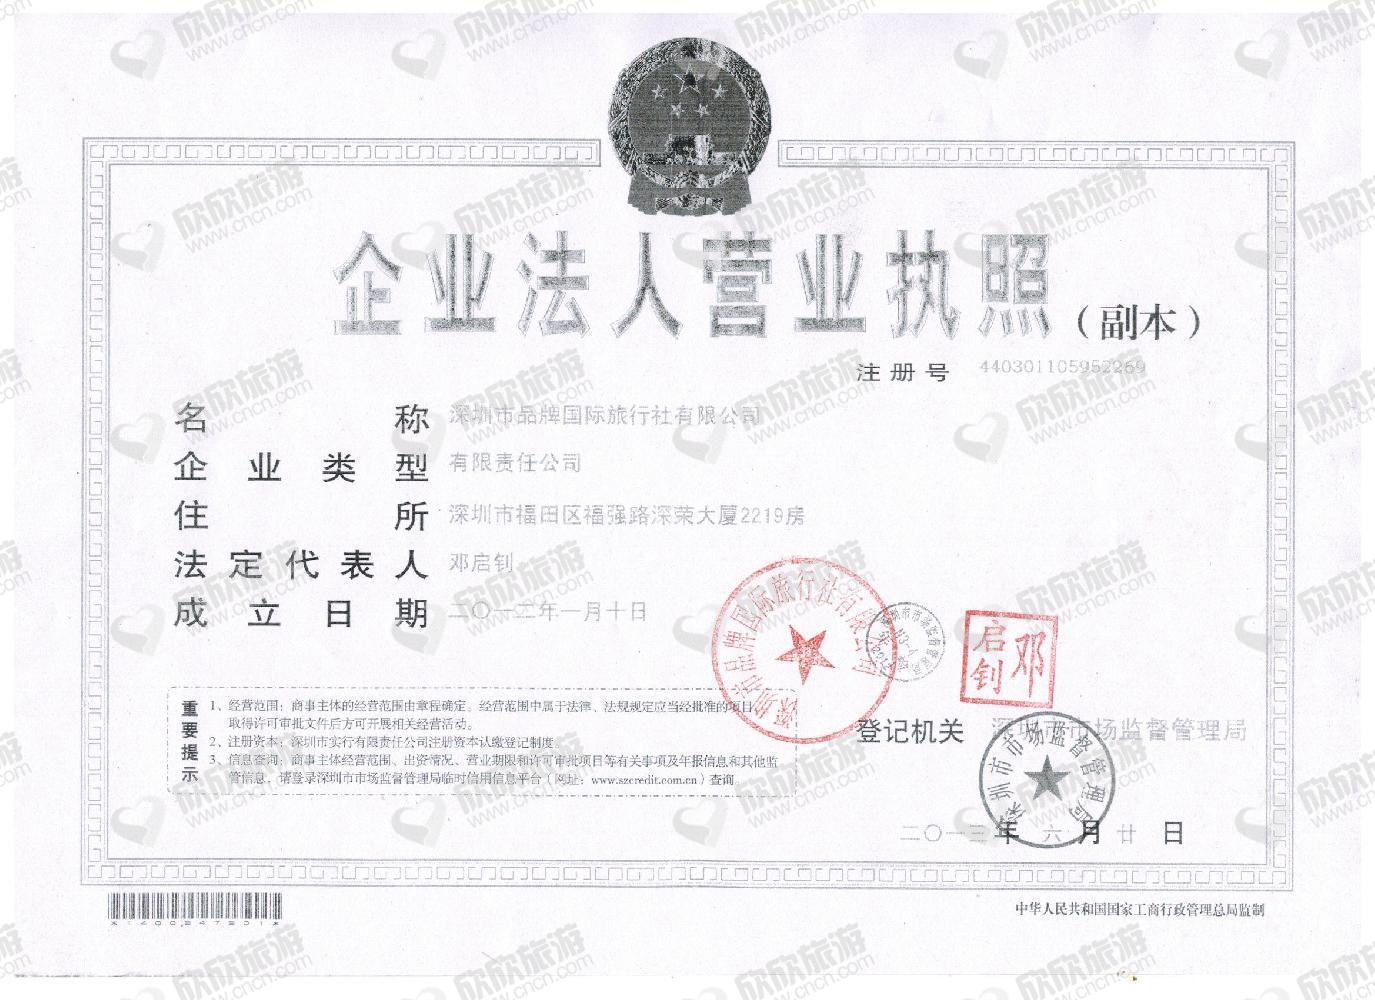 深圳市品牌国际旅行社有限公司营业执照